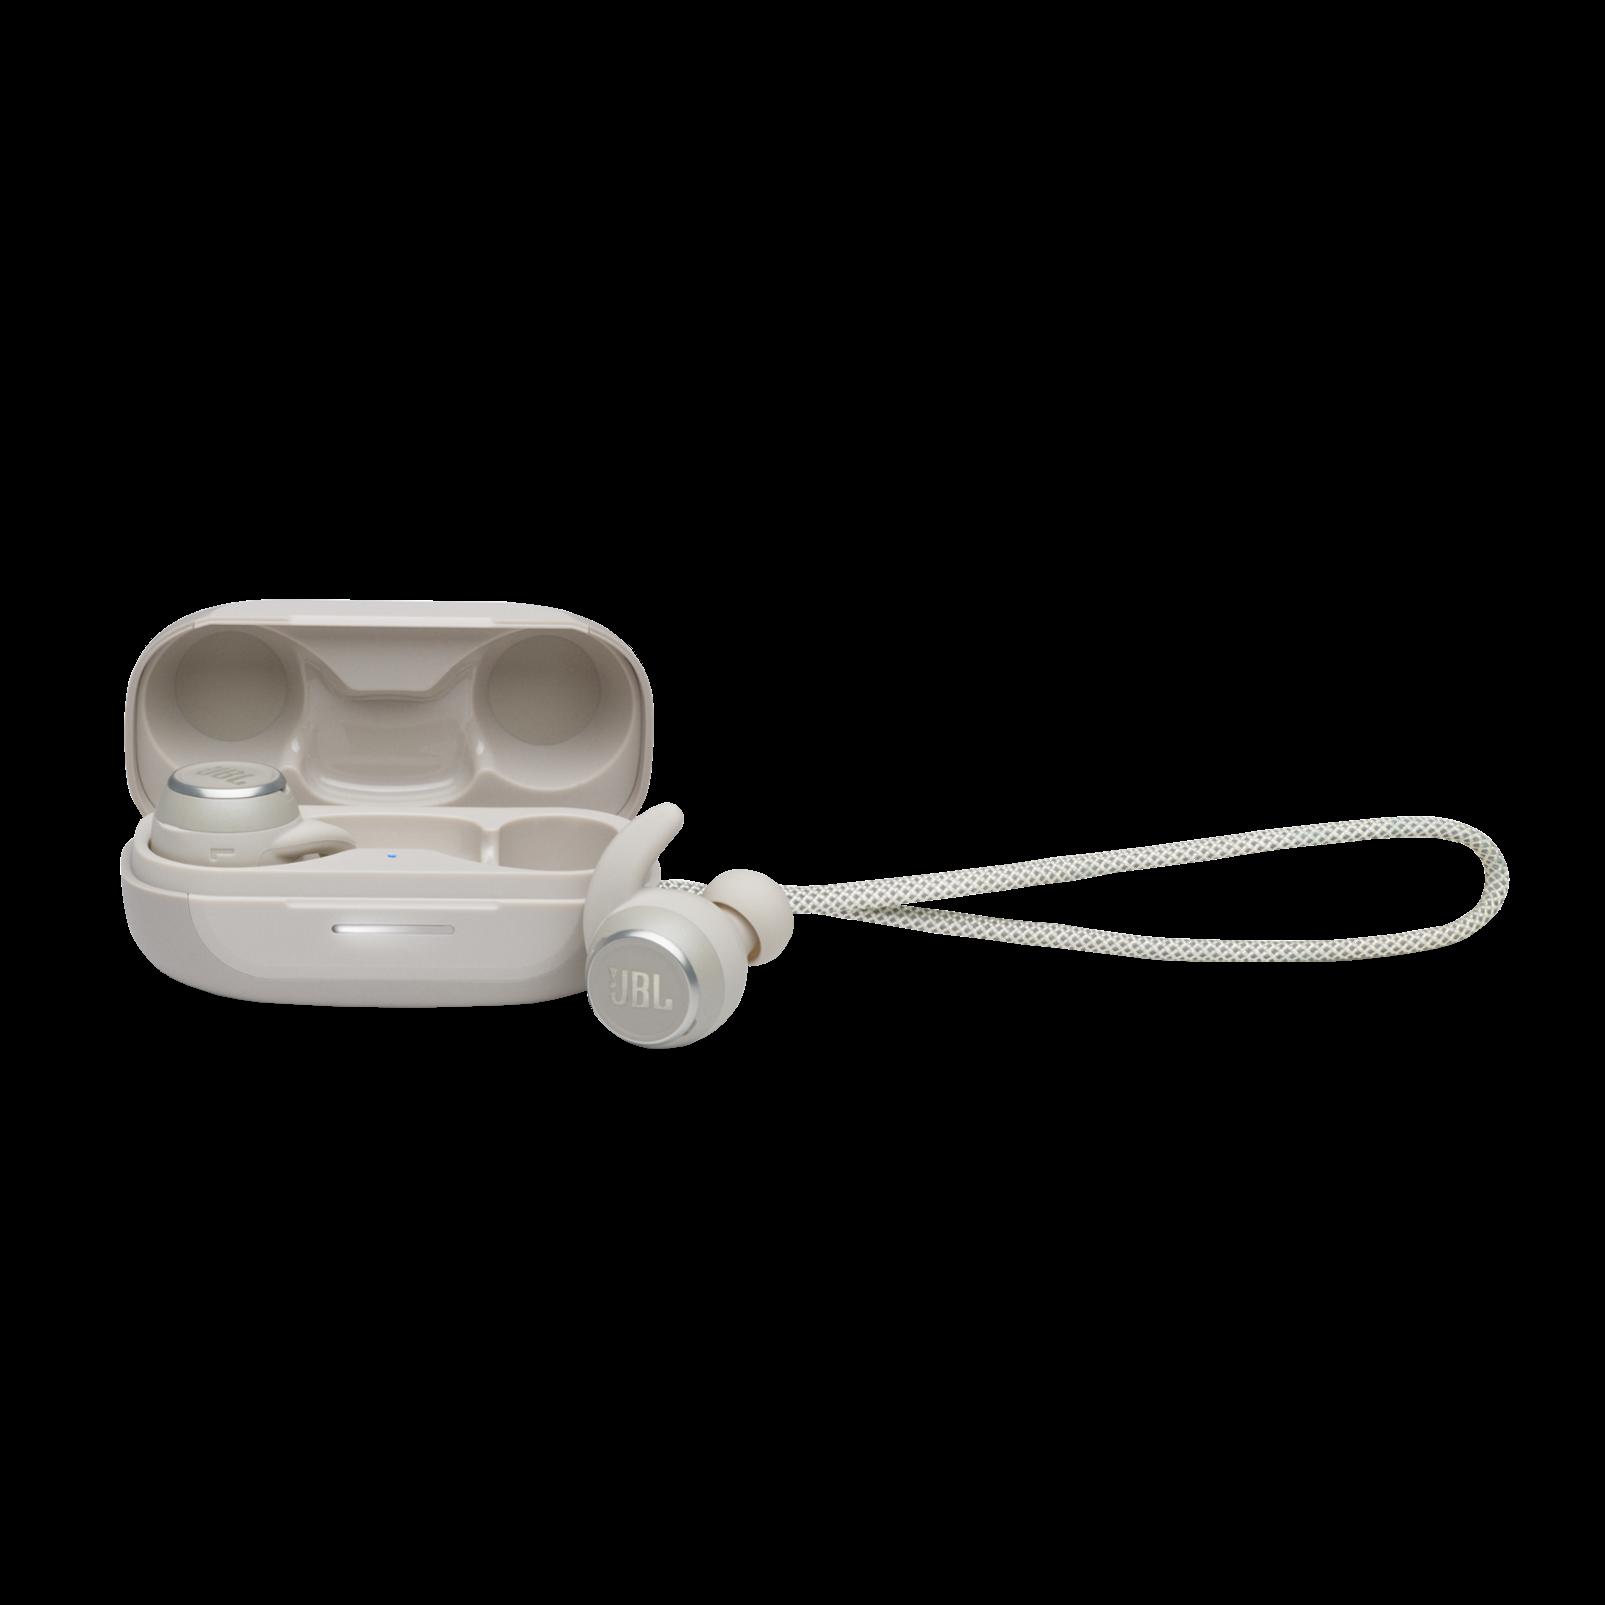 JBL Reflect Mini NC - White - Waterproof True Wireless In-Ear NC Sport Headphones - Hero